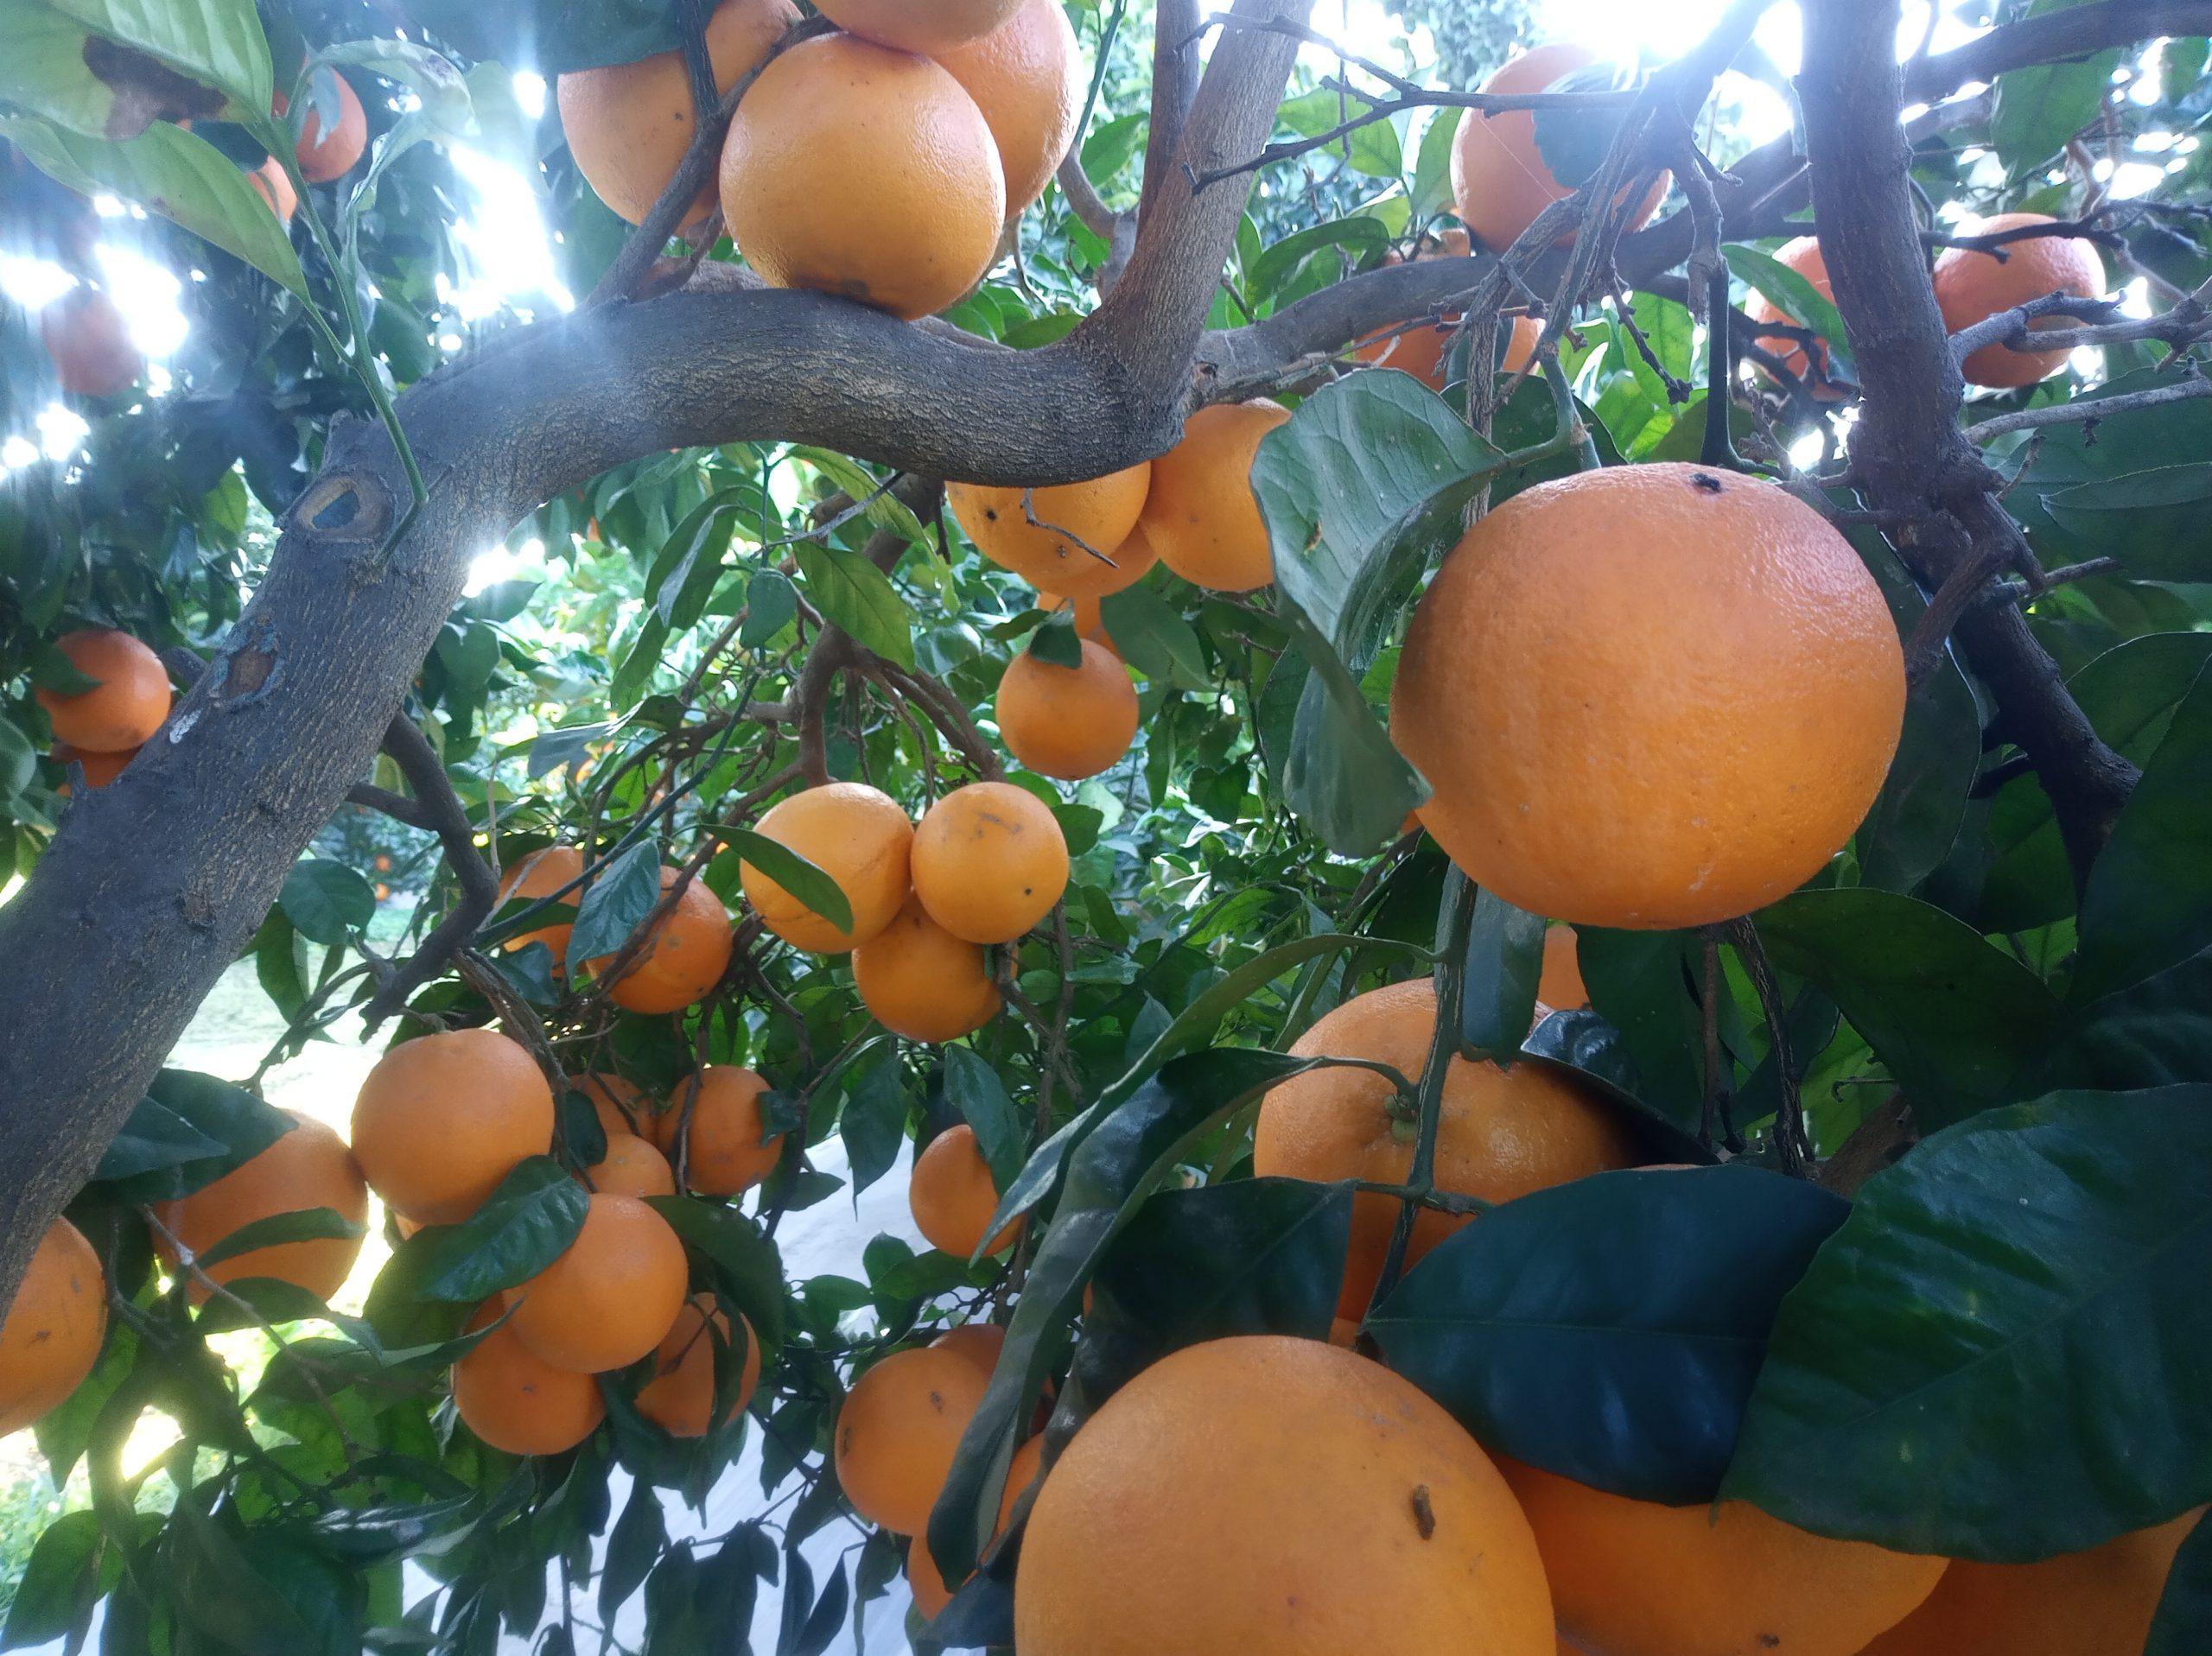 Naranjas colgando de un árbol